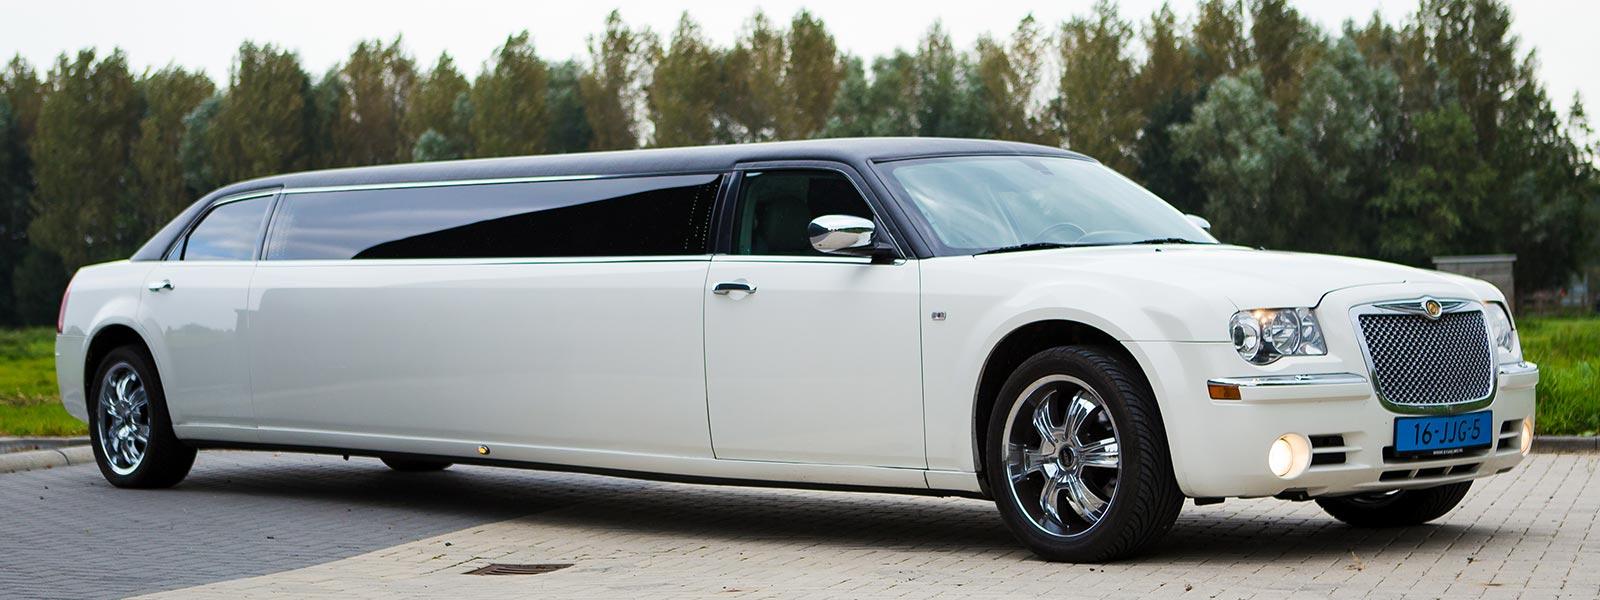 limousine huren in nijmegen limousine services Goedkoop Limousine Verhuur.htm #8